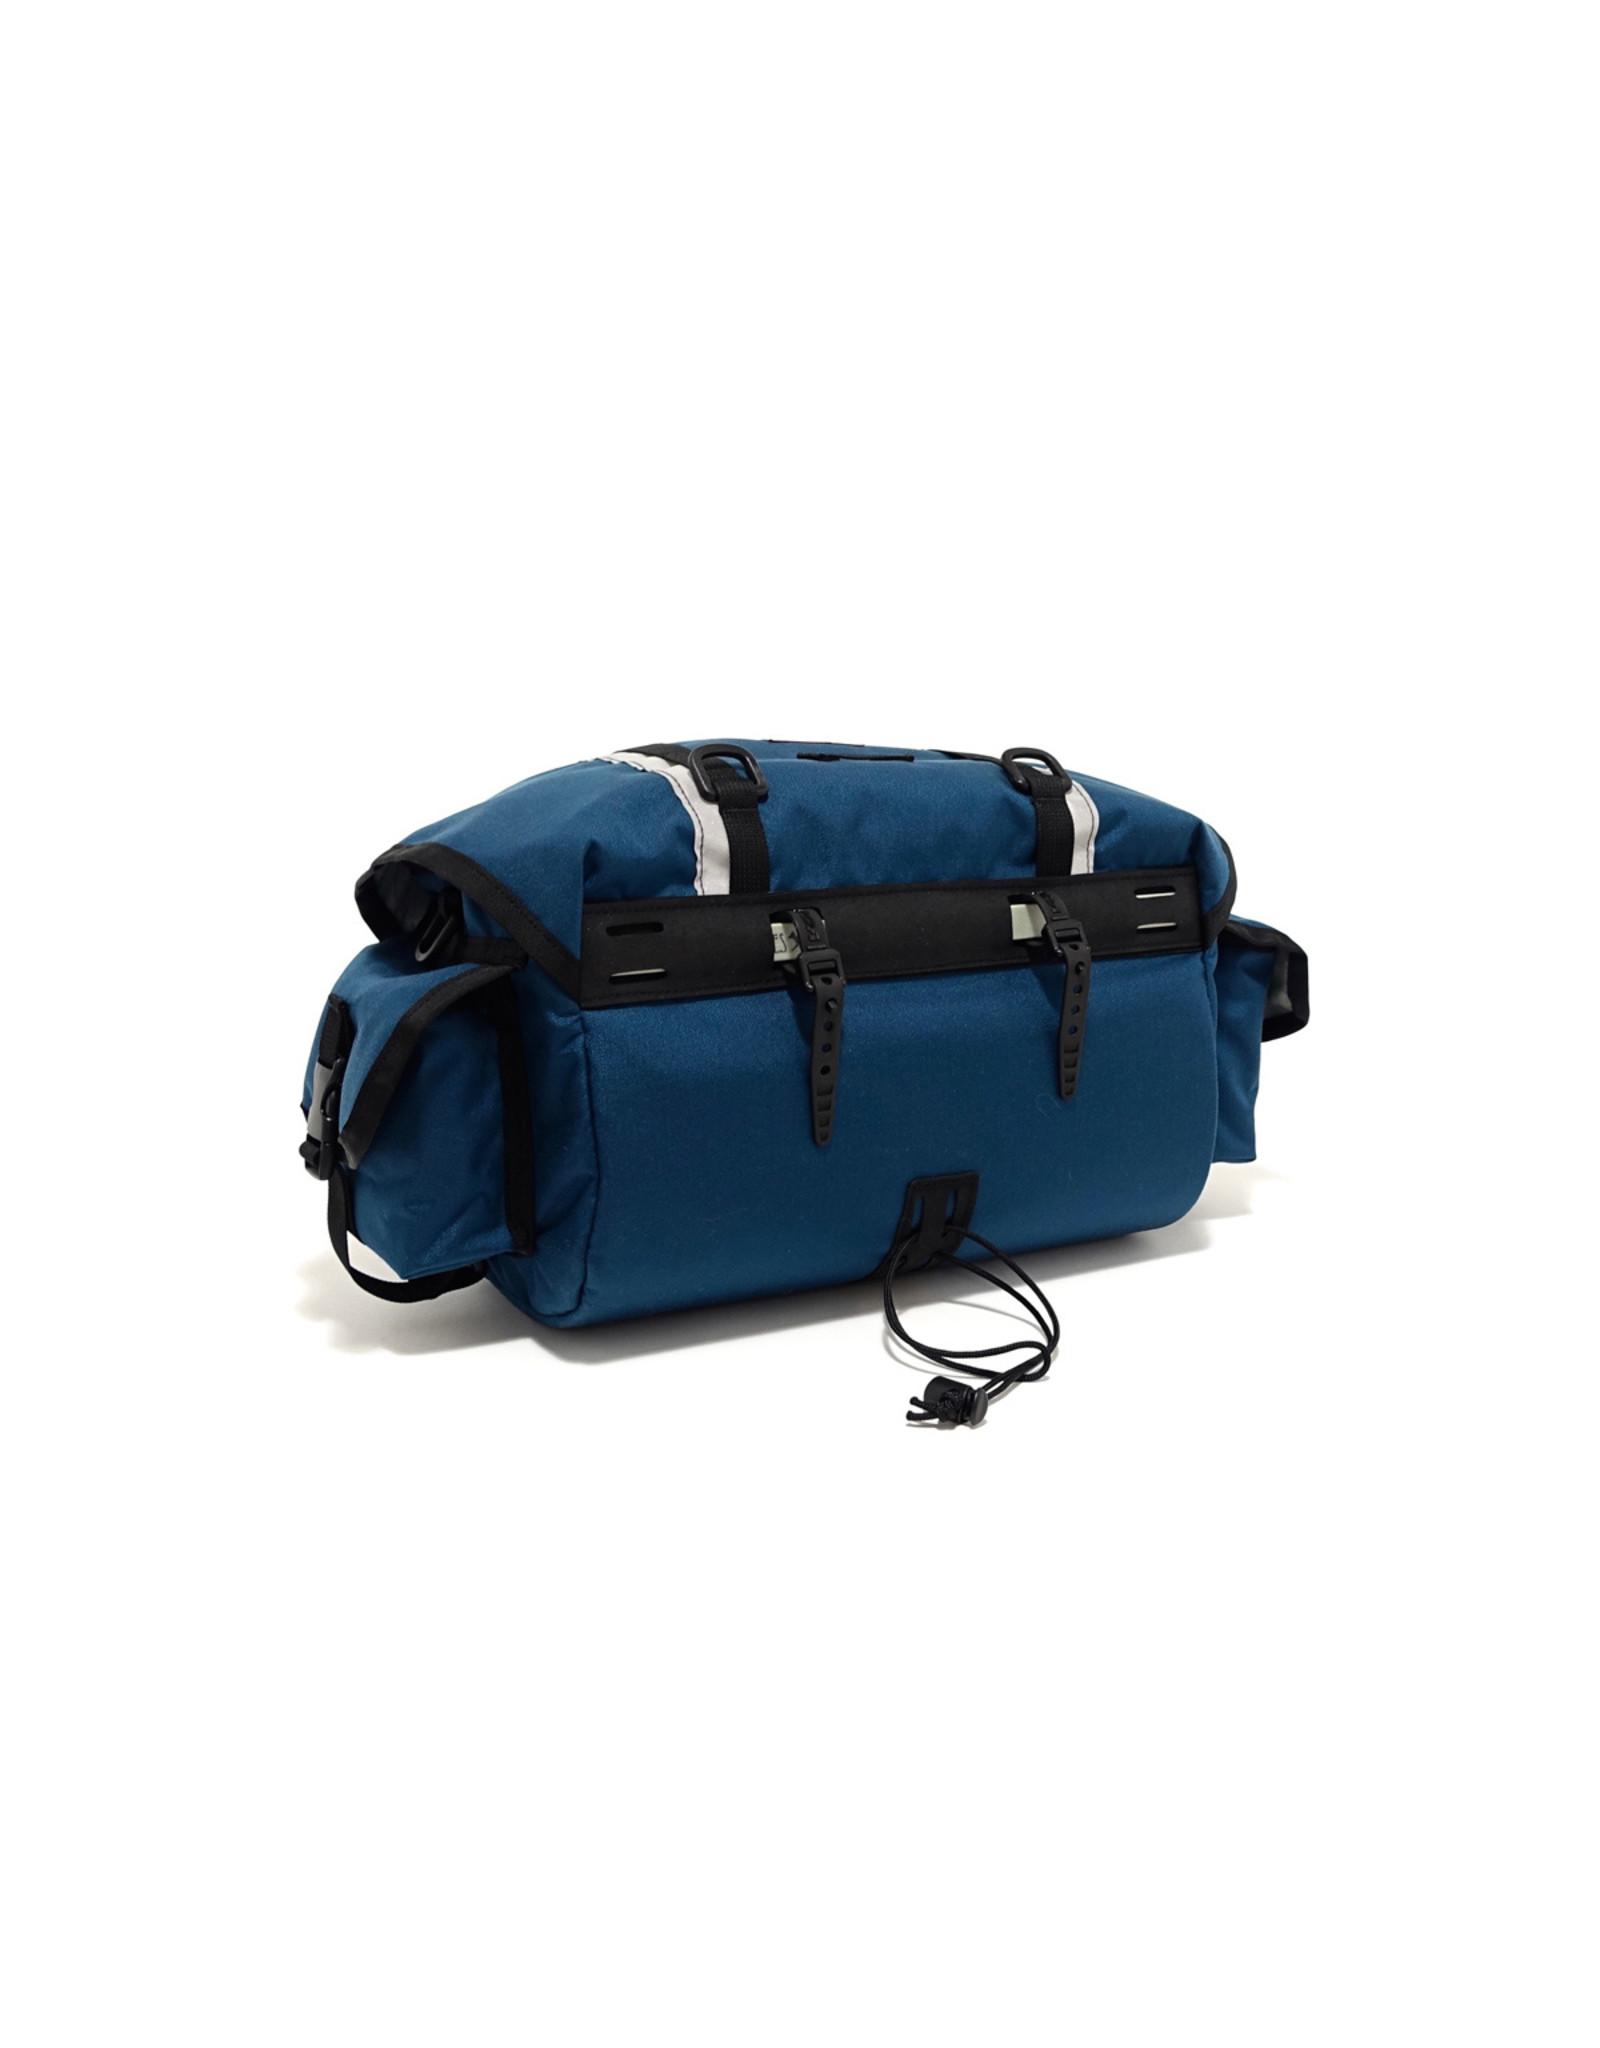 Swift Industries 2020 Swift Industries Zeitgeist Saddle Bag Navy